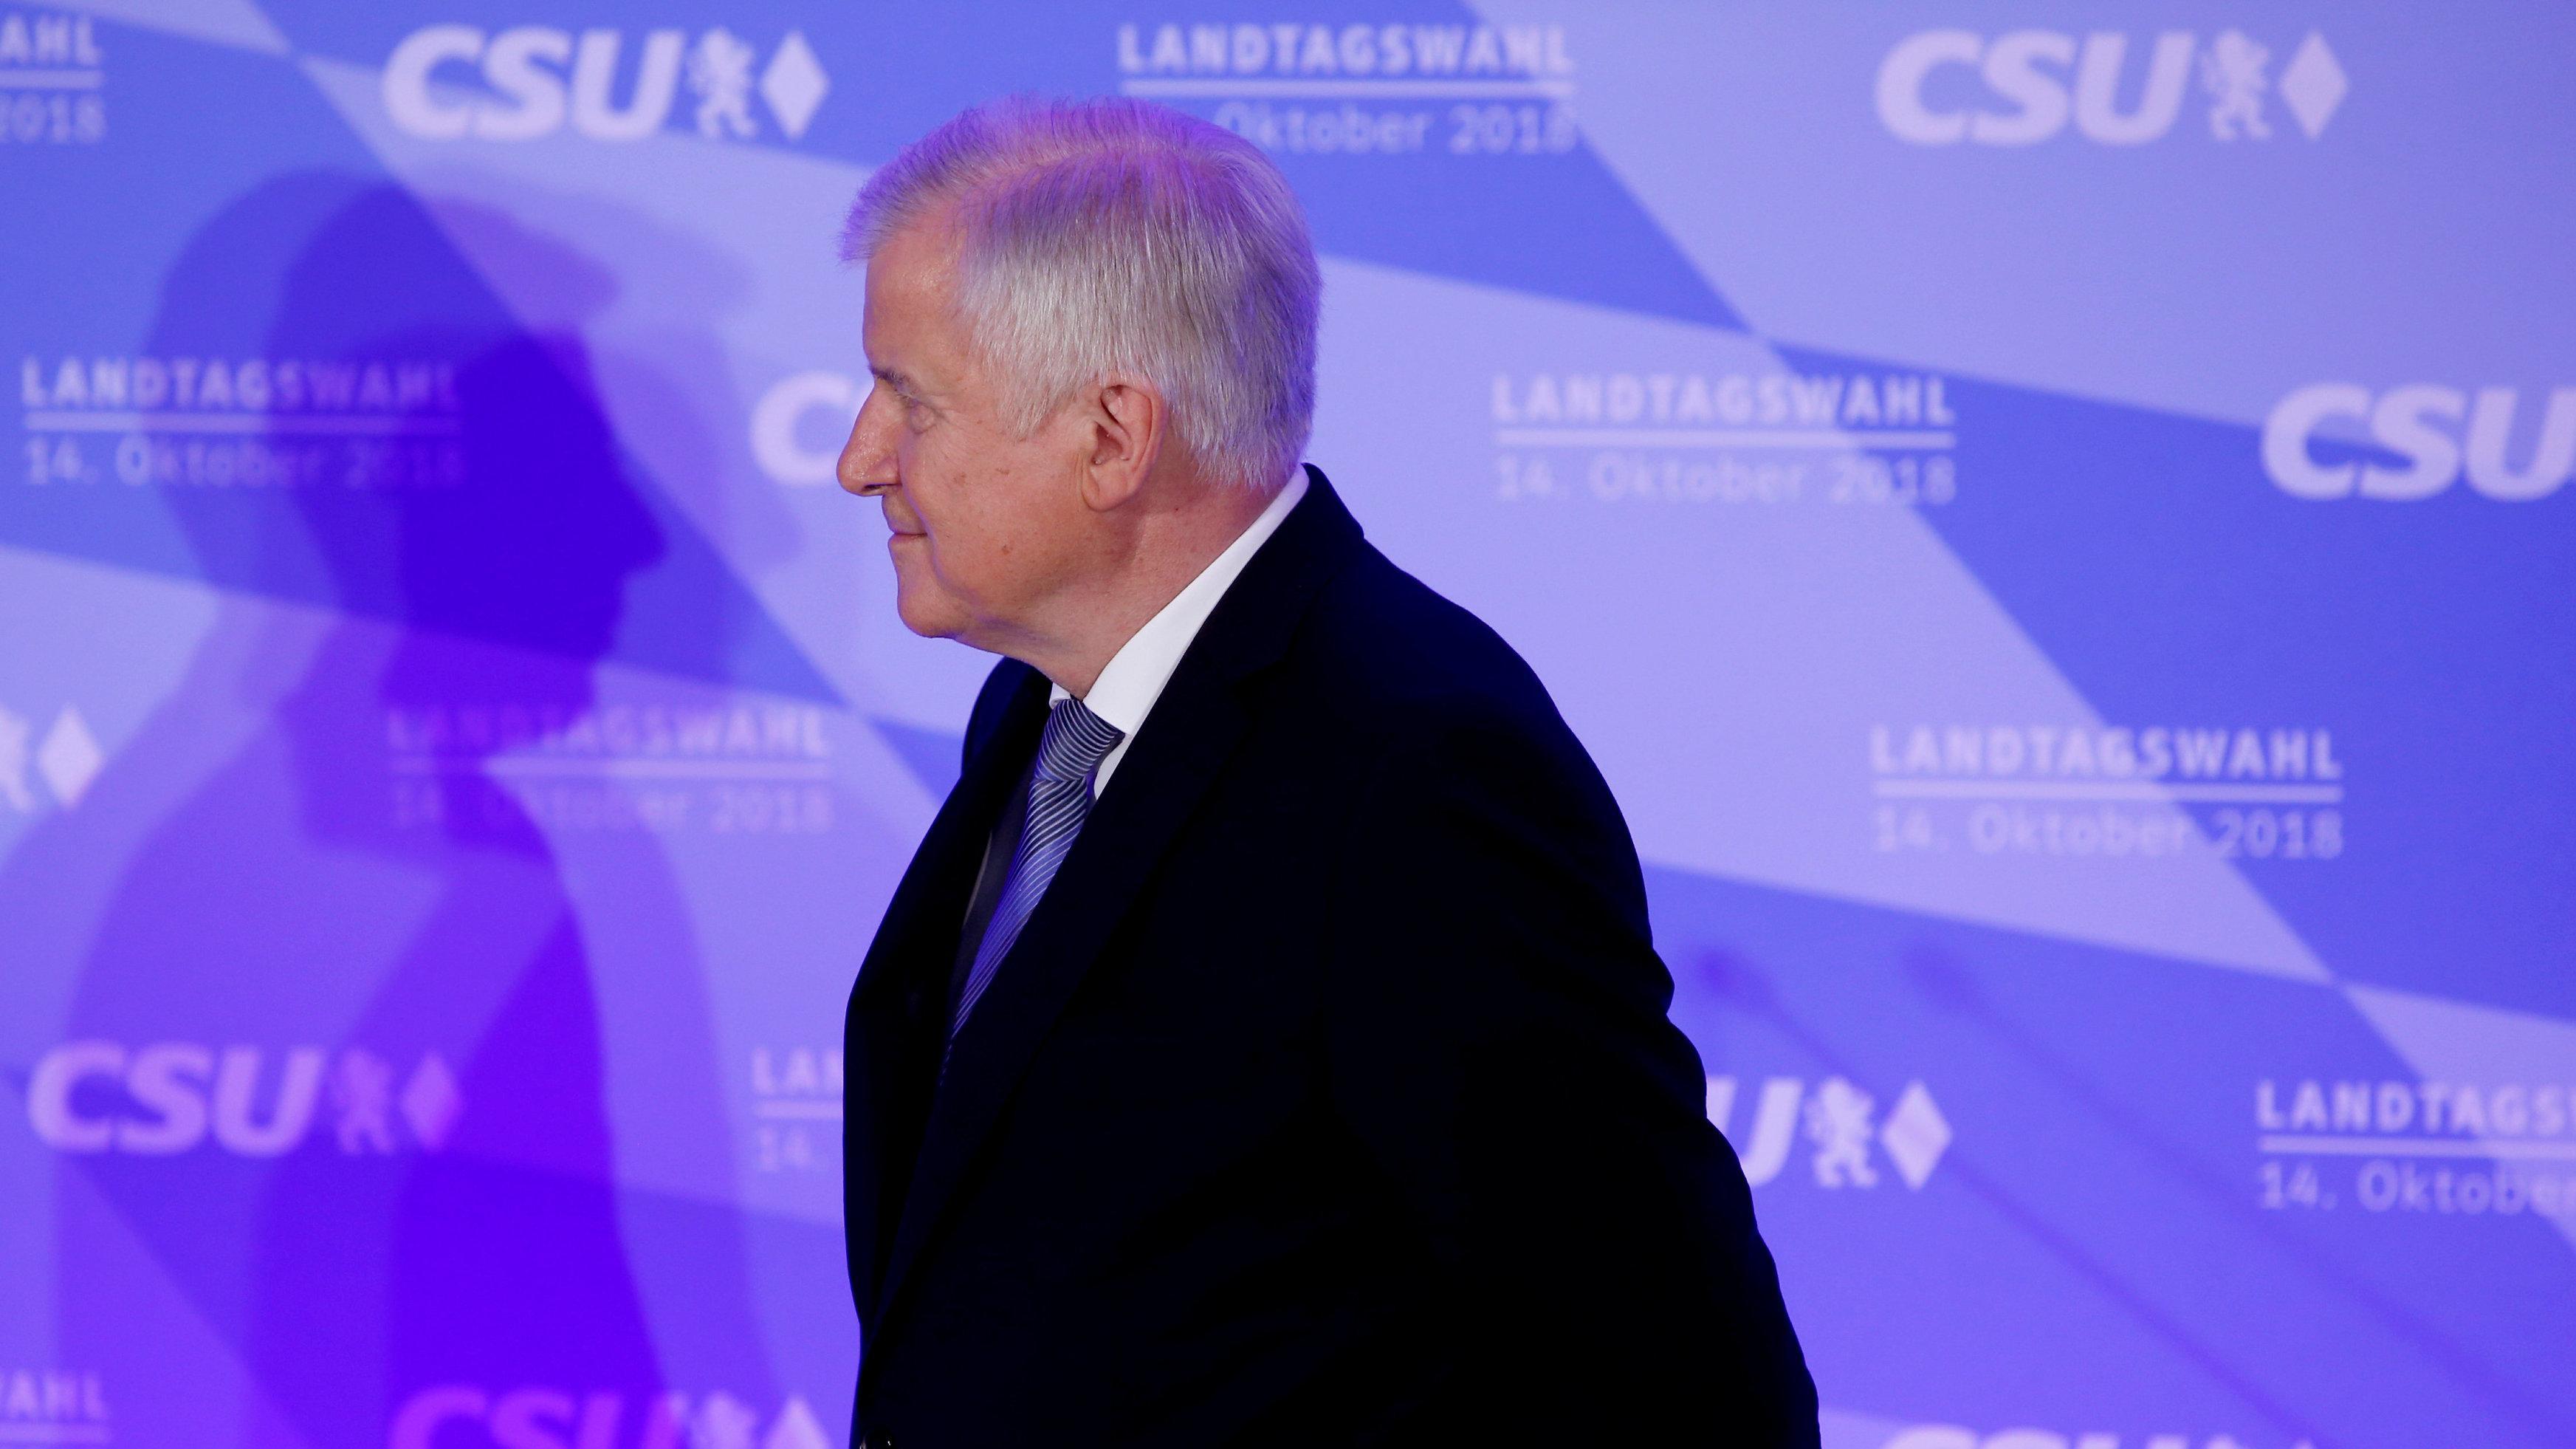 Mit Spannung wird die CSU-Vorstandssitzung in München erwartet